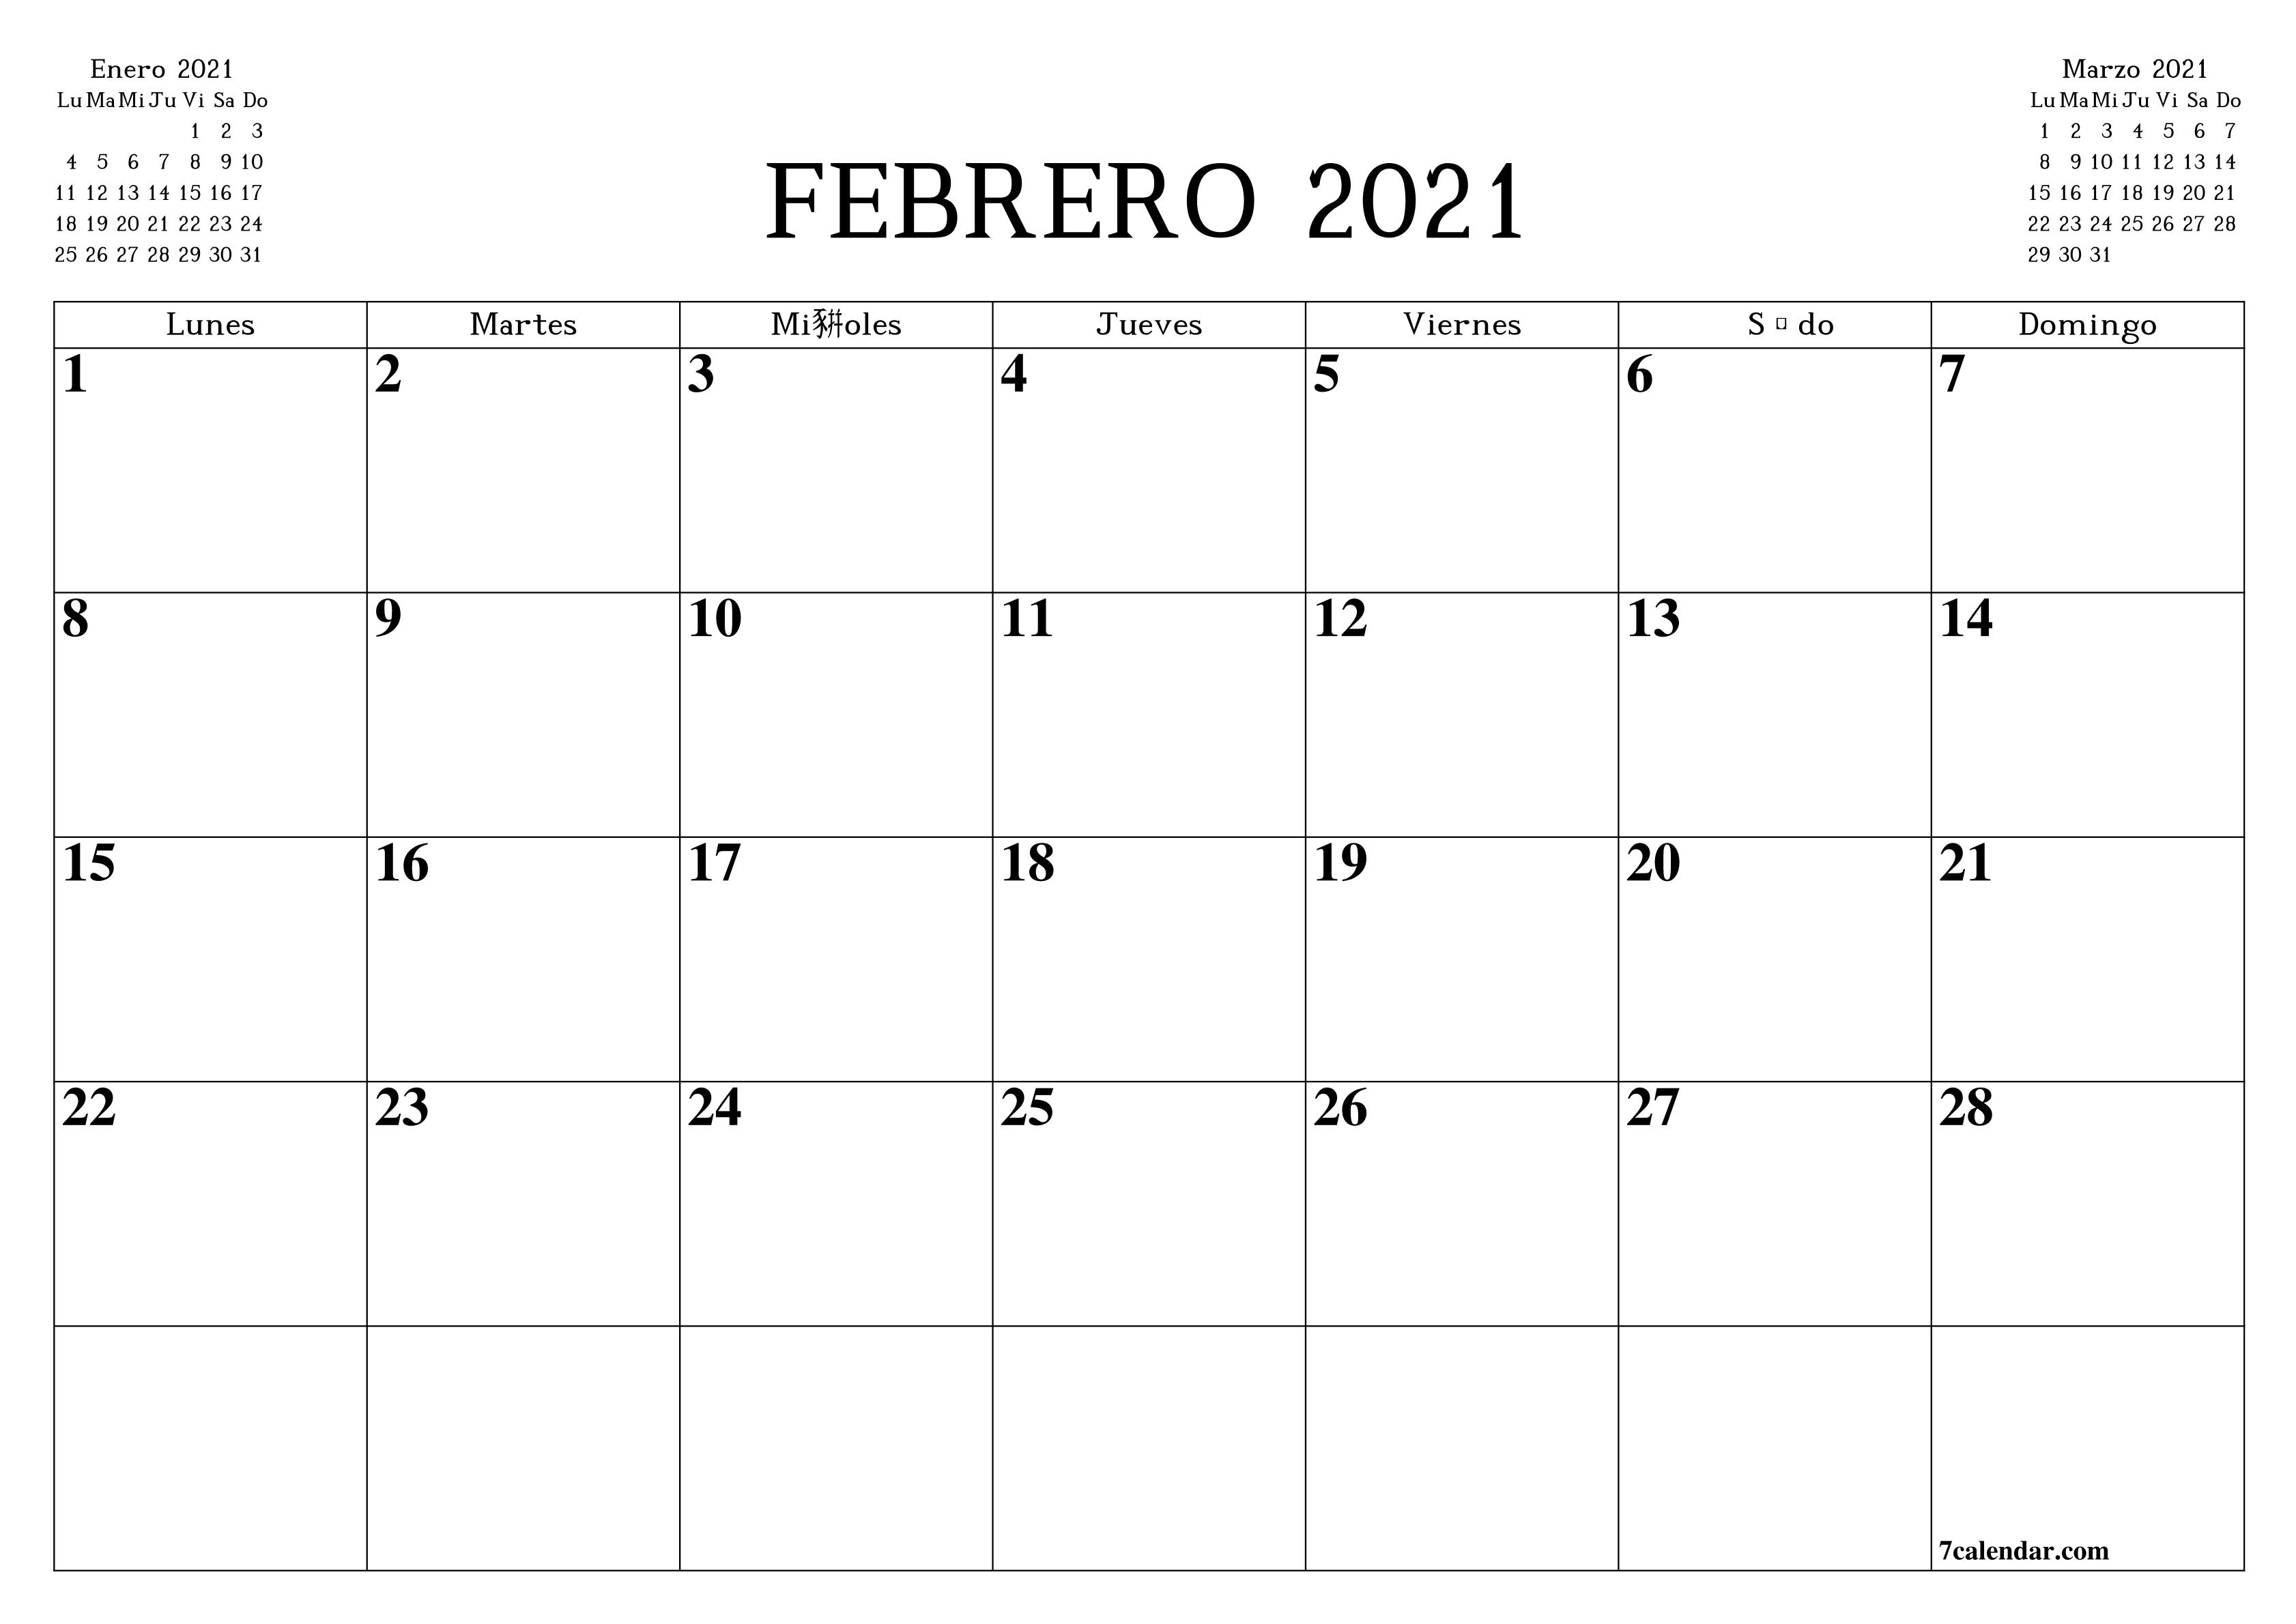 Calendario en blanco imprimible A4, A5 y A3, PDF y PNG Febrero